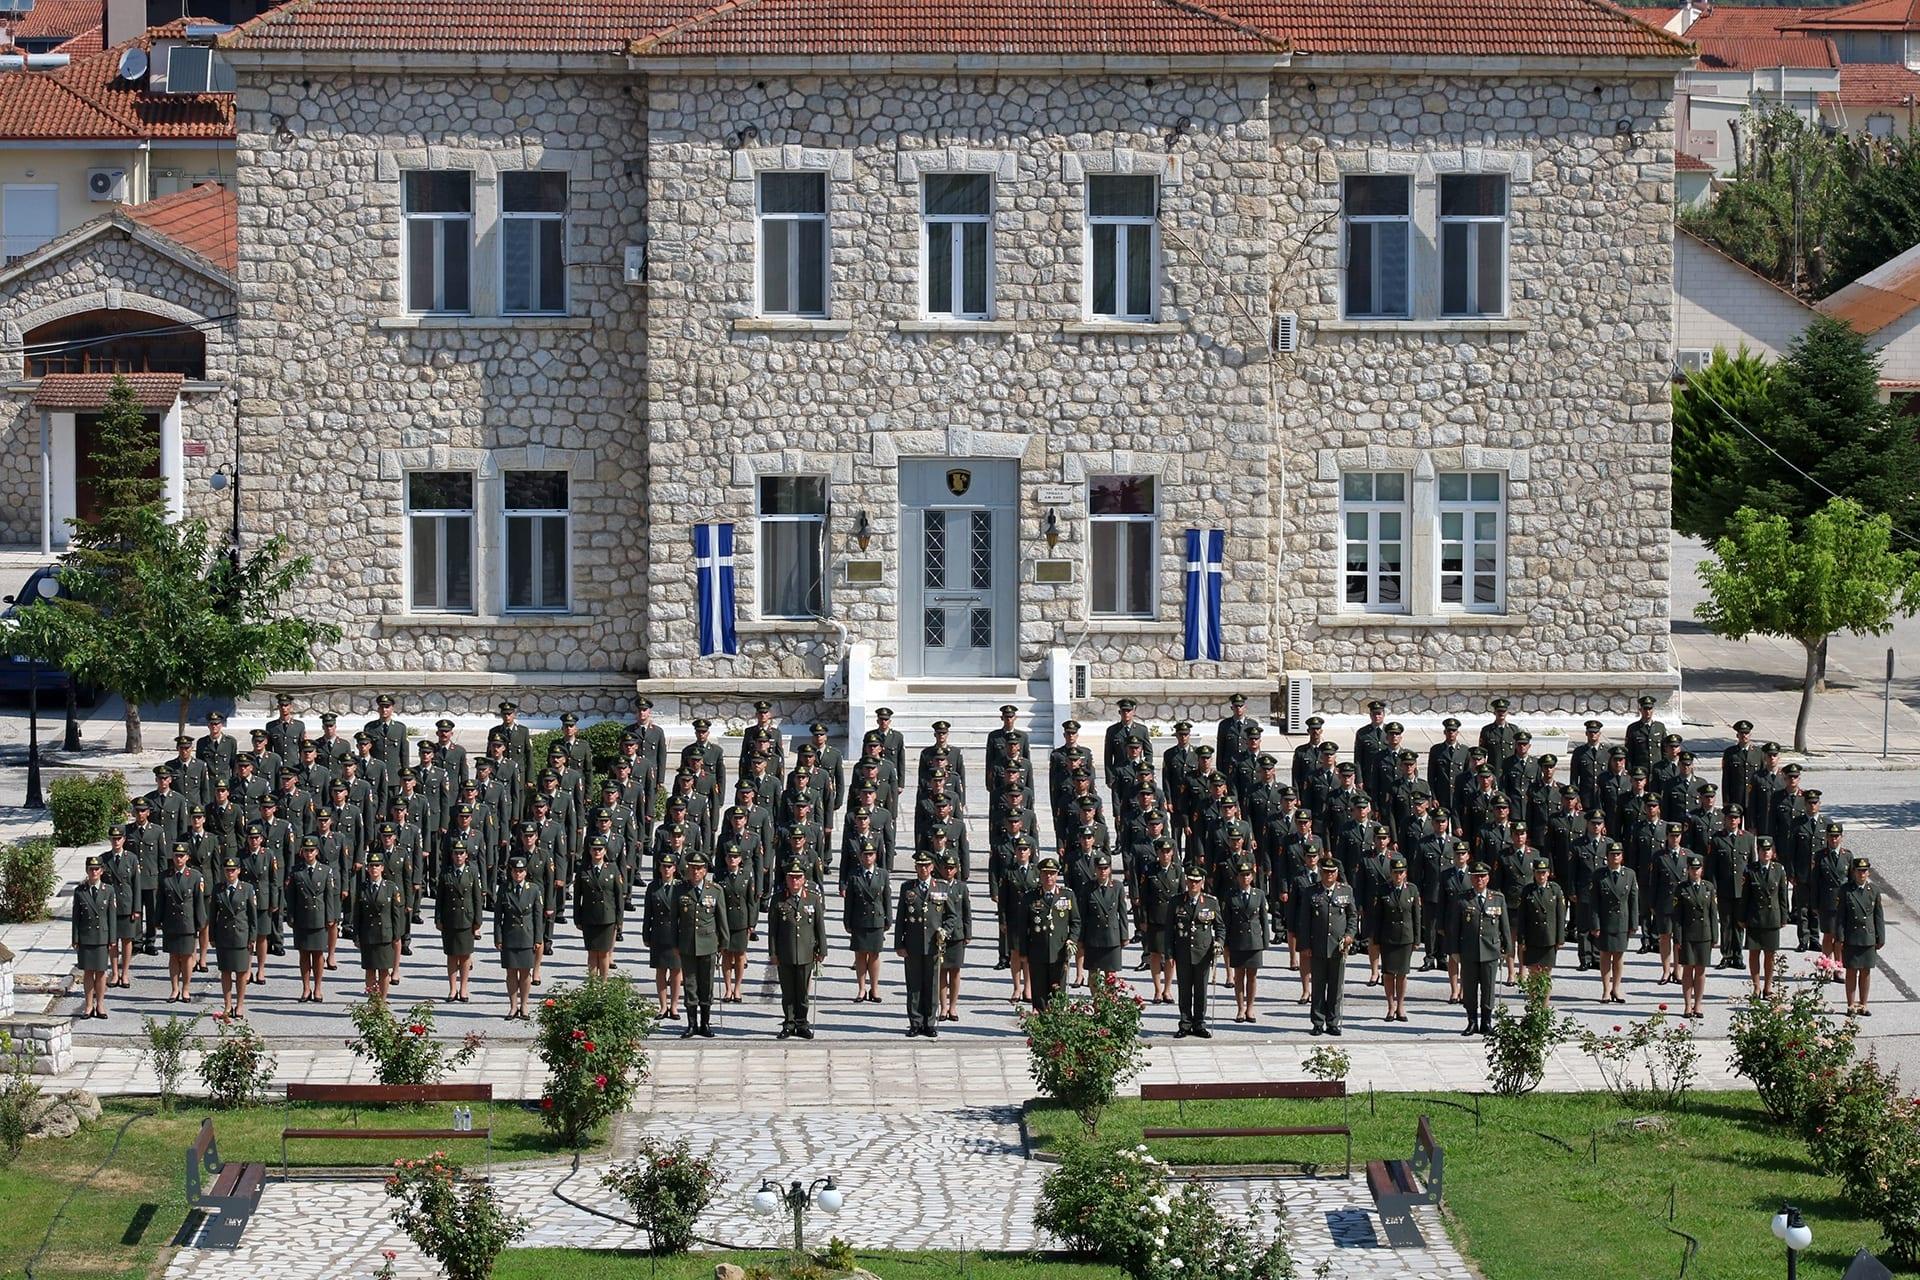 Πανεπιστήμιο Εθνικής Άμυνας: Όχι σε διχαστικές προτάσεις λένε οι ΑΣΣΥ